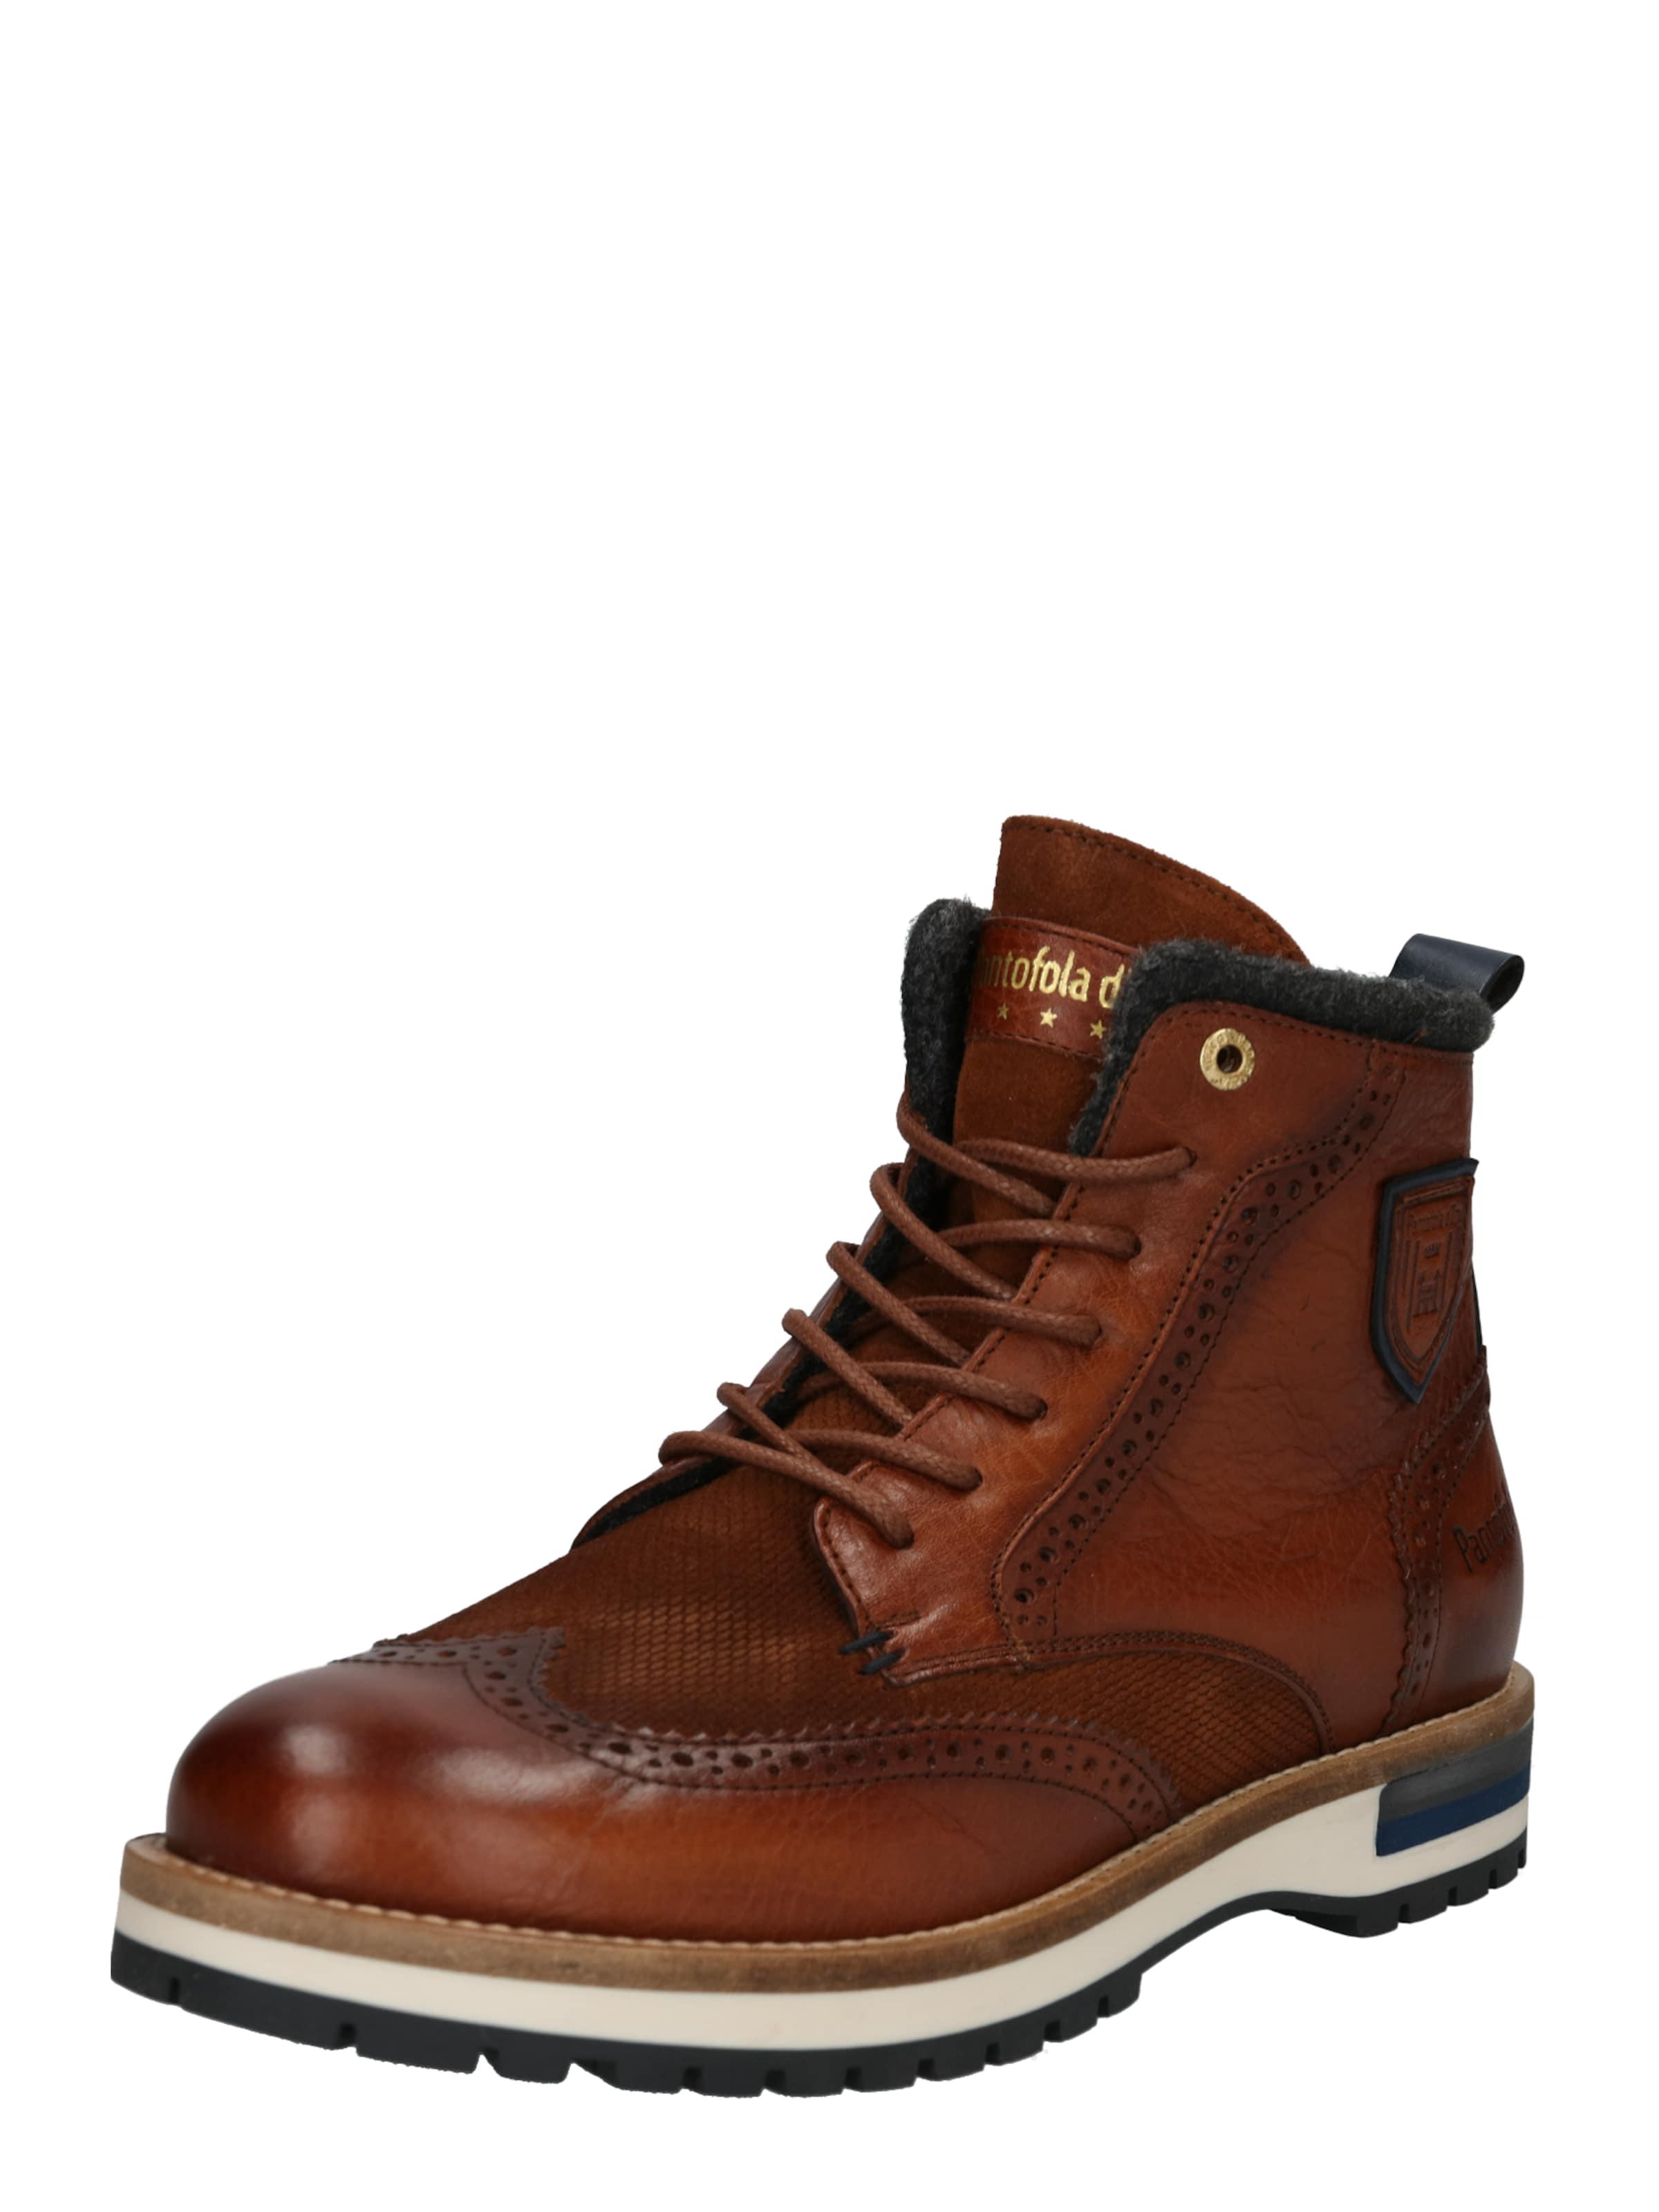 Stiefel Dunkelbraun Pantofola Uomo' In D'oro 'tocchetto R54AjL3